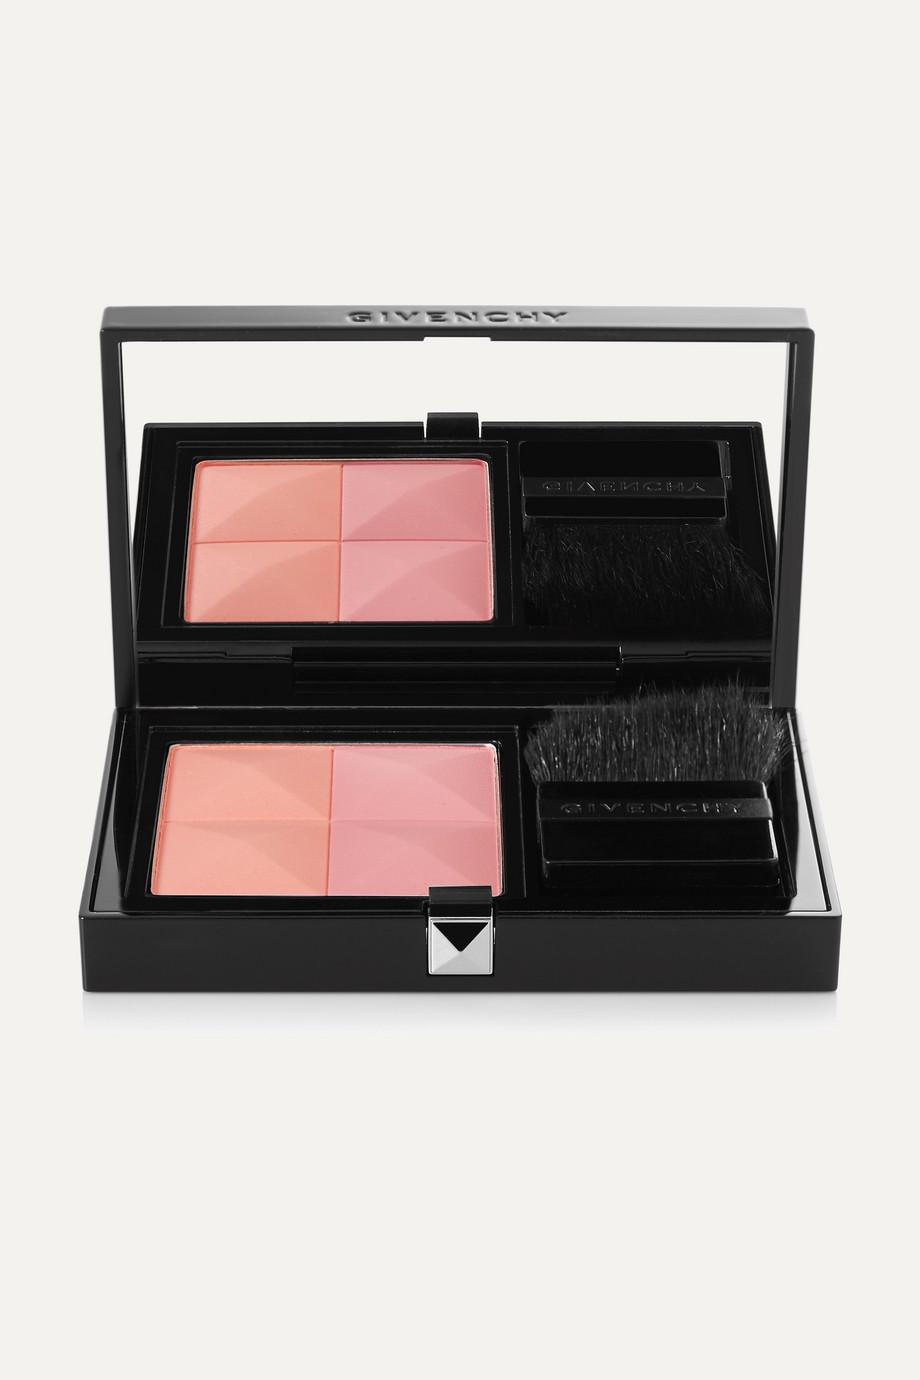 Givenchy Beauty Le Prisme Blush - Rite No.4